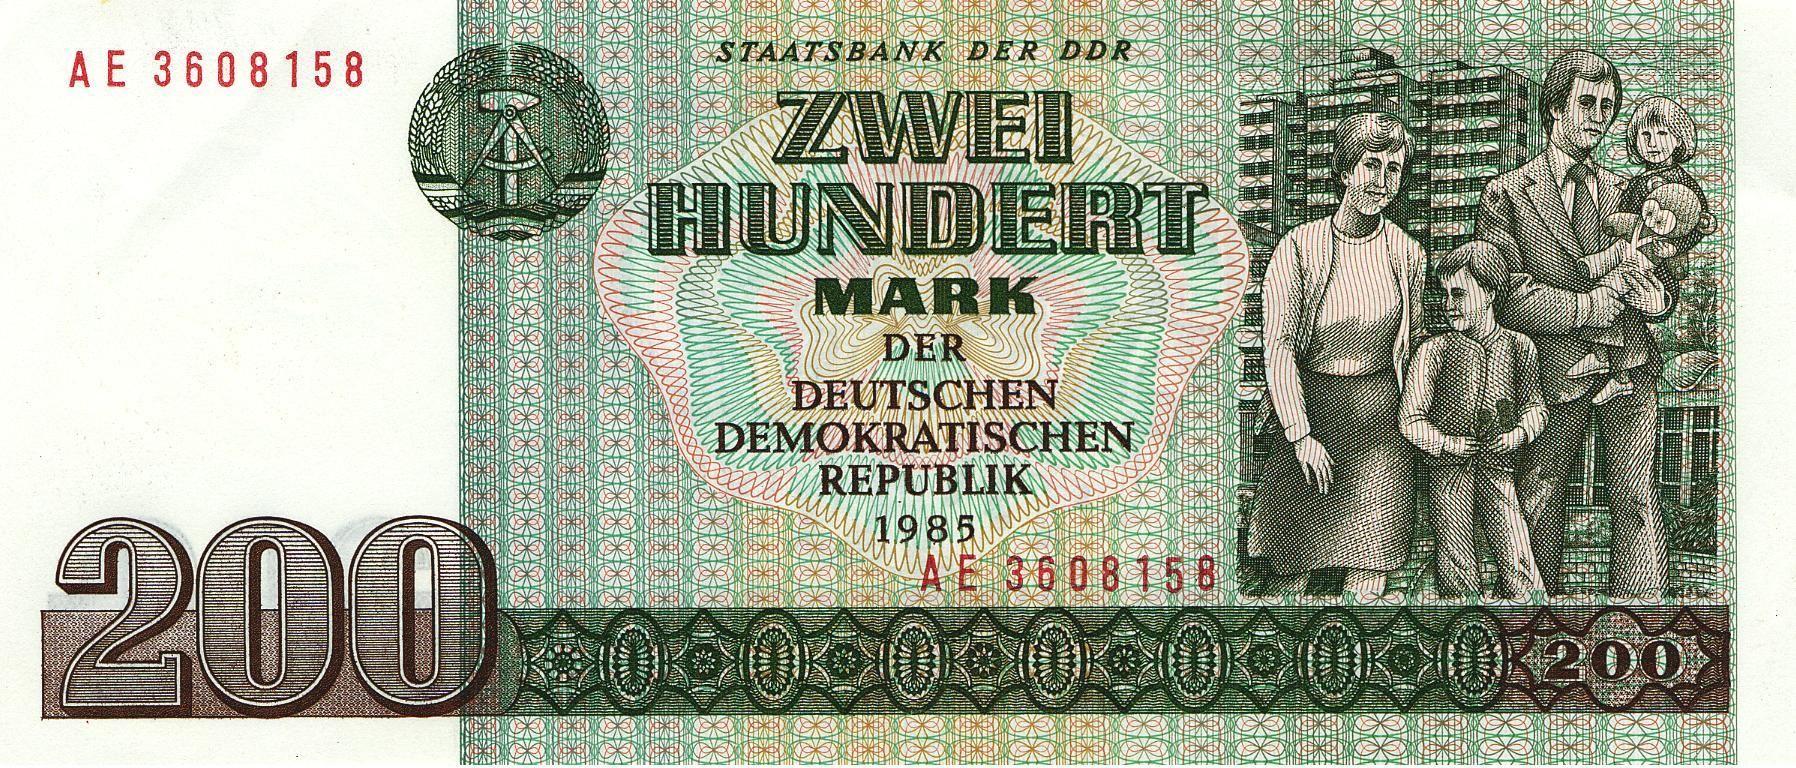 DDR Banknote 200 Mark Ddr, Ostdeutschland und Deutsche mark